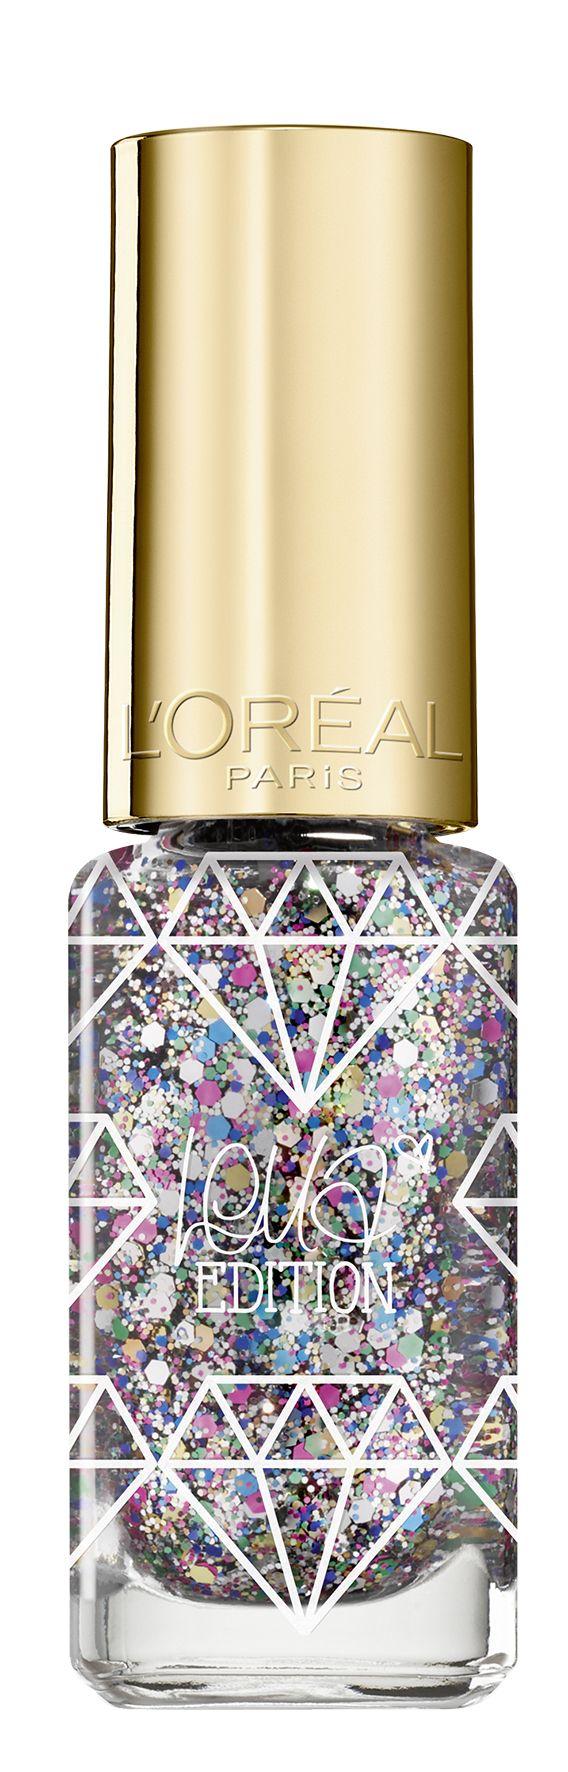 Die Lena Meyer-Landrut Le Vernis - Edition von L'Oréal Paris | #metallicnails http://lounge.loreal-paris.de/